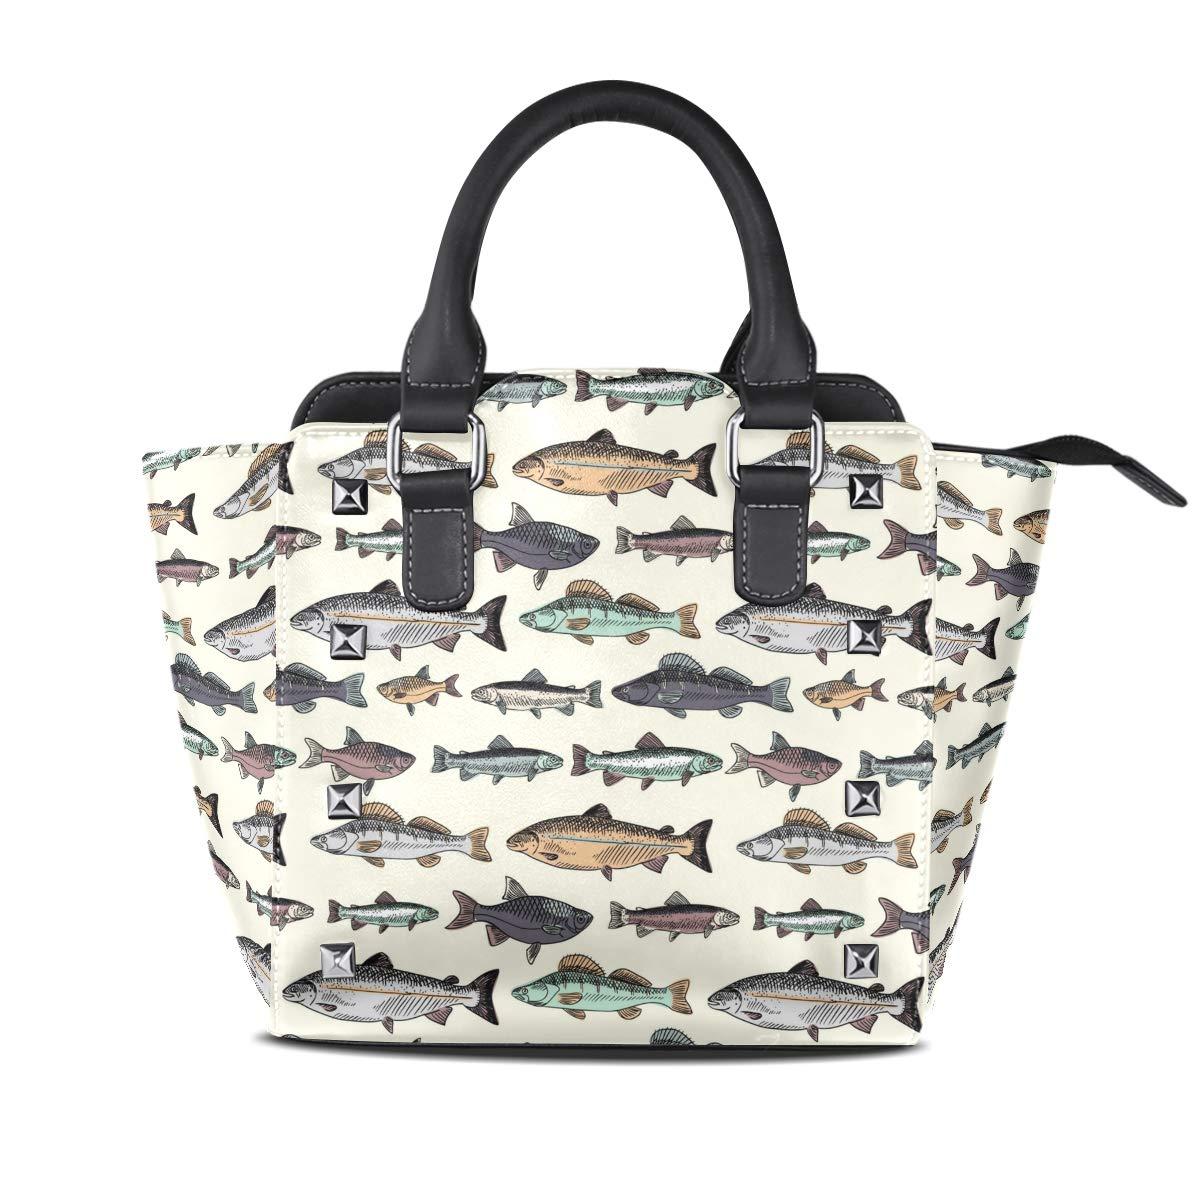 Design5 Handbag Red White Dot Genuine Leather Tote Rivet Bag Shoulder Strap Top Handle Women